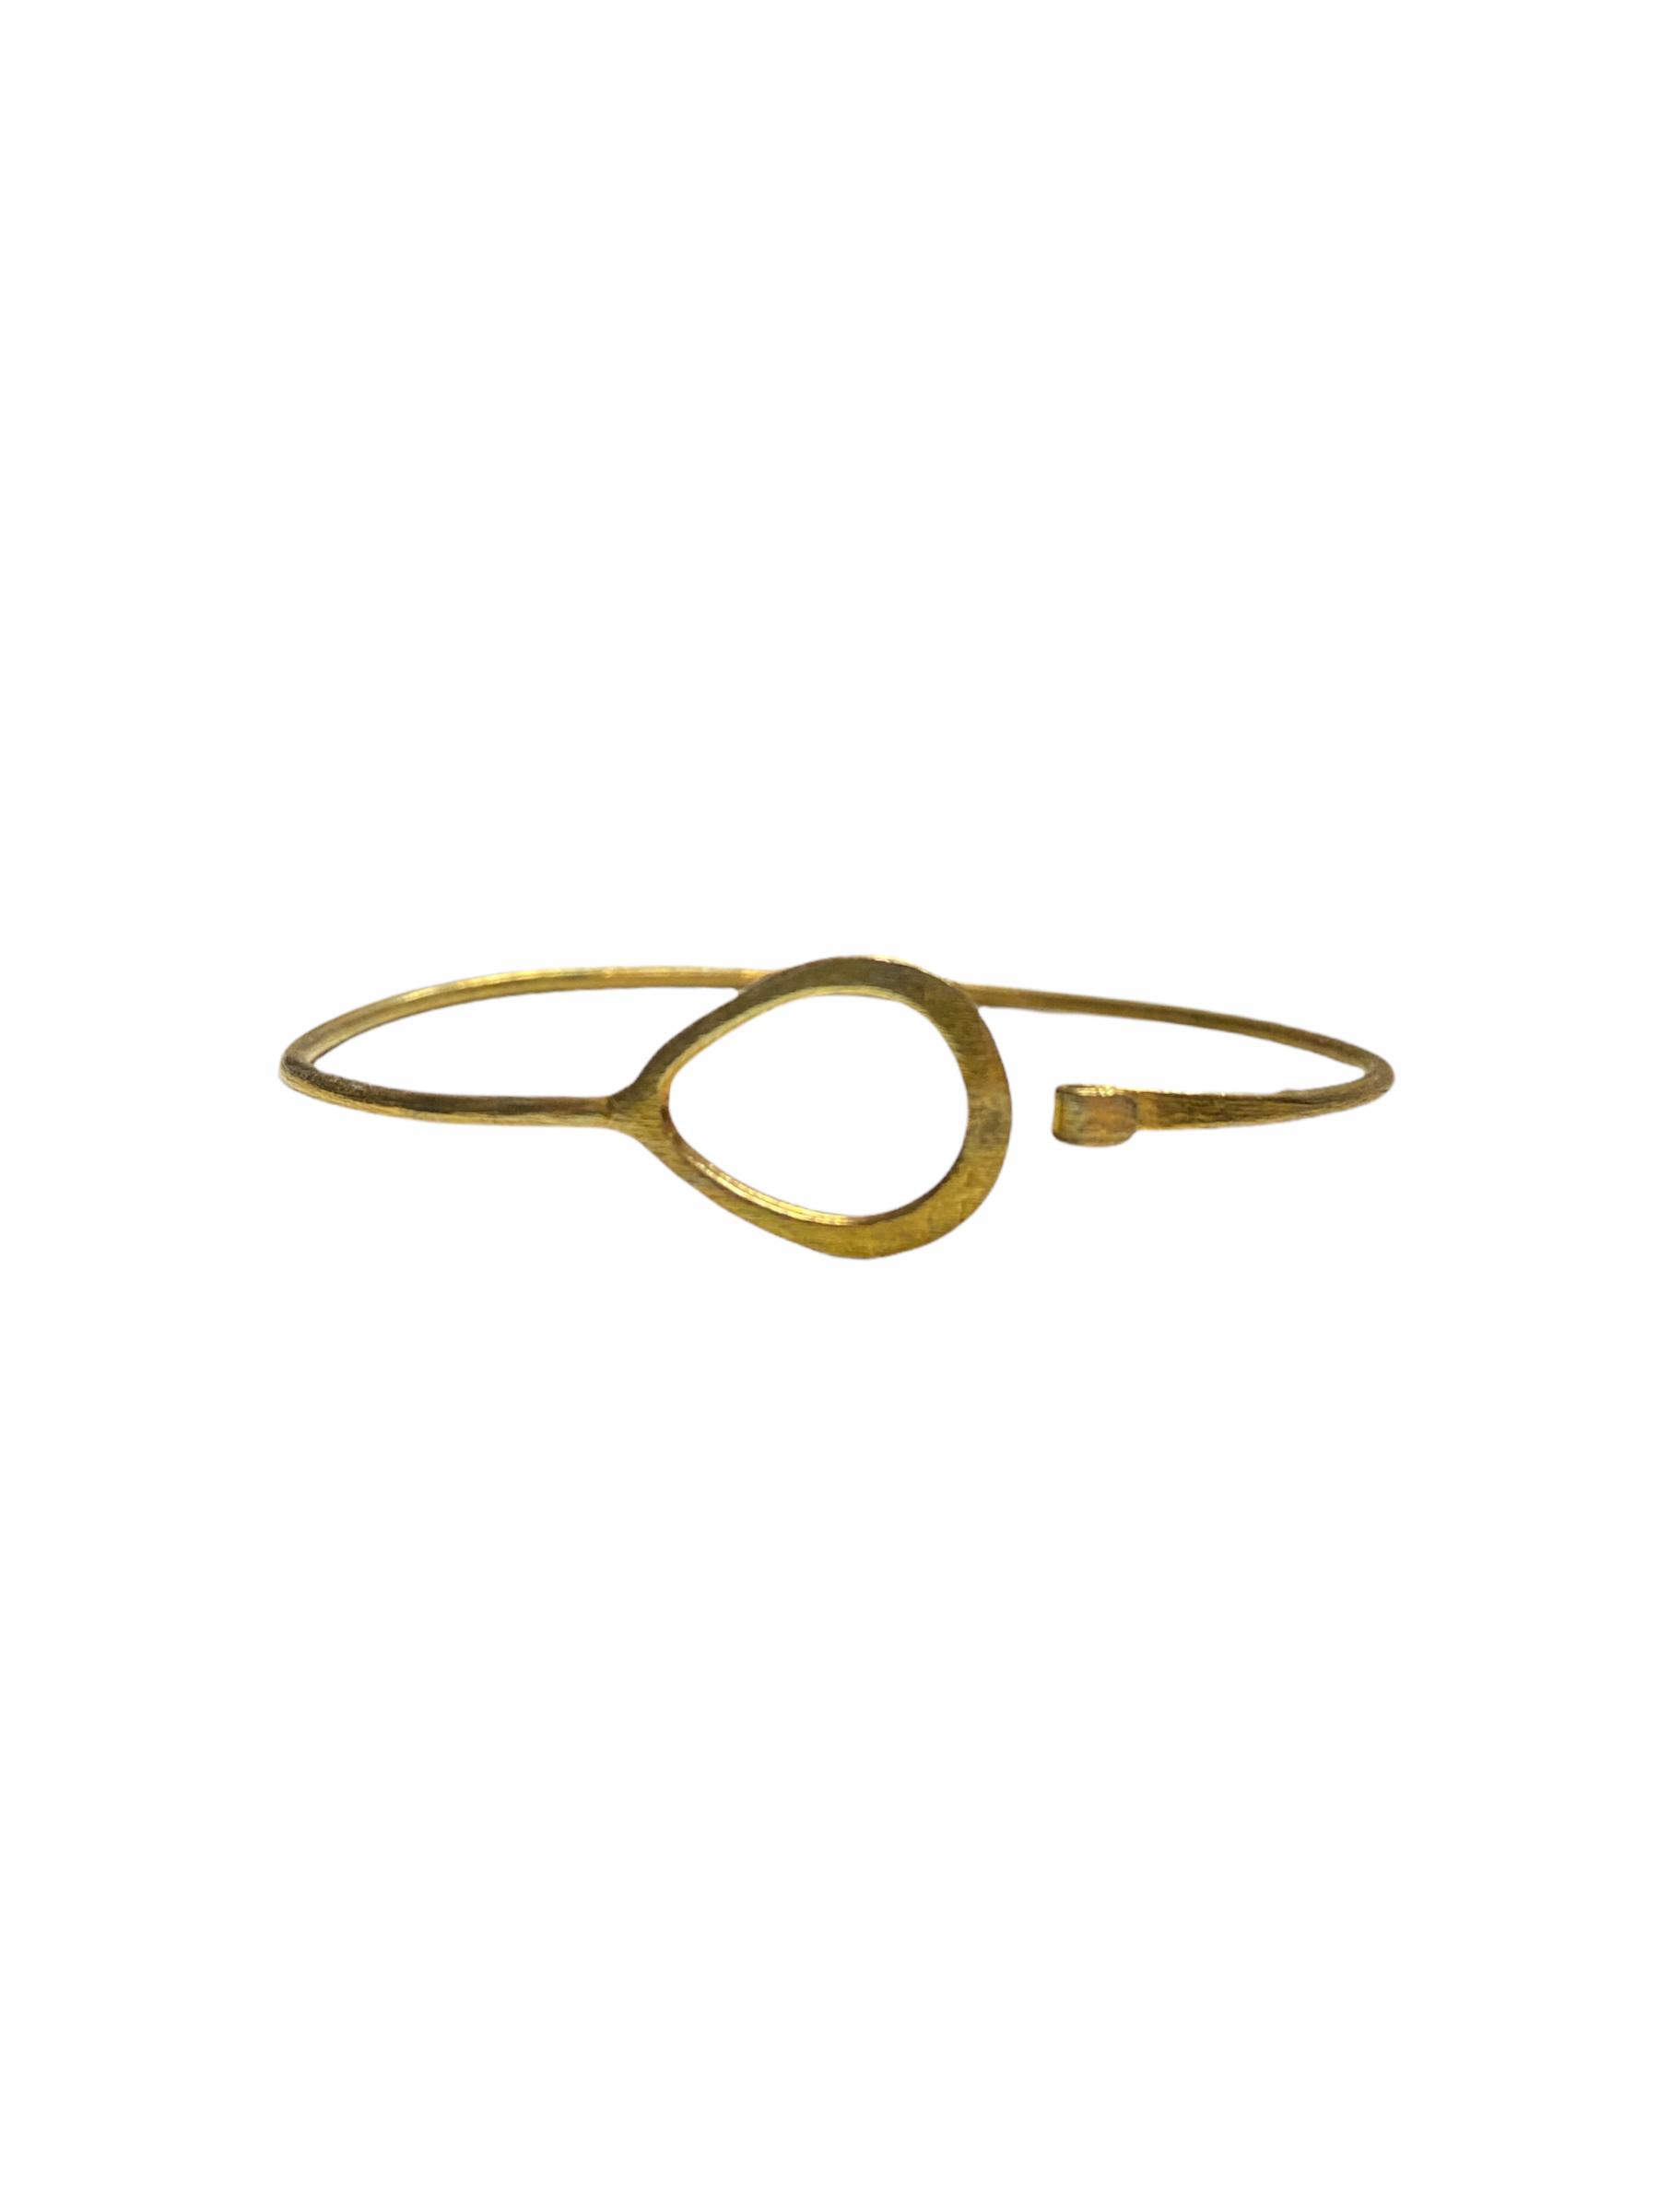 Βραχιόλι Χειροποίητο Δάκρυ Σχήμα Σε Χρυσό Χρώμα